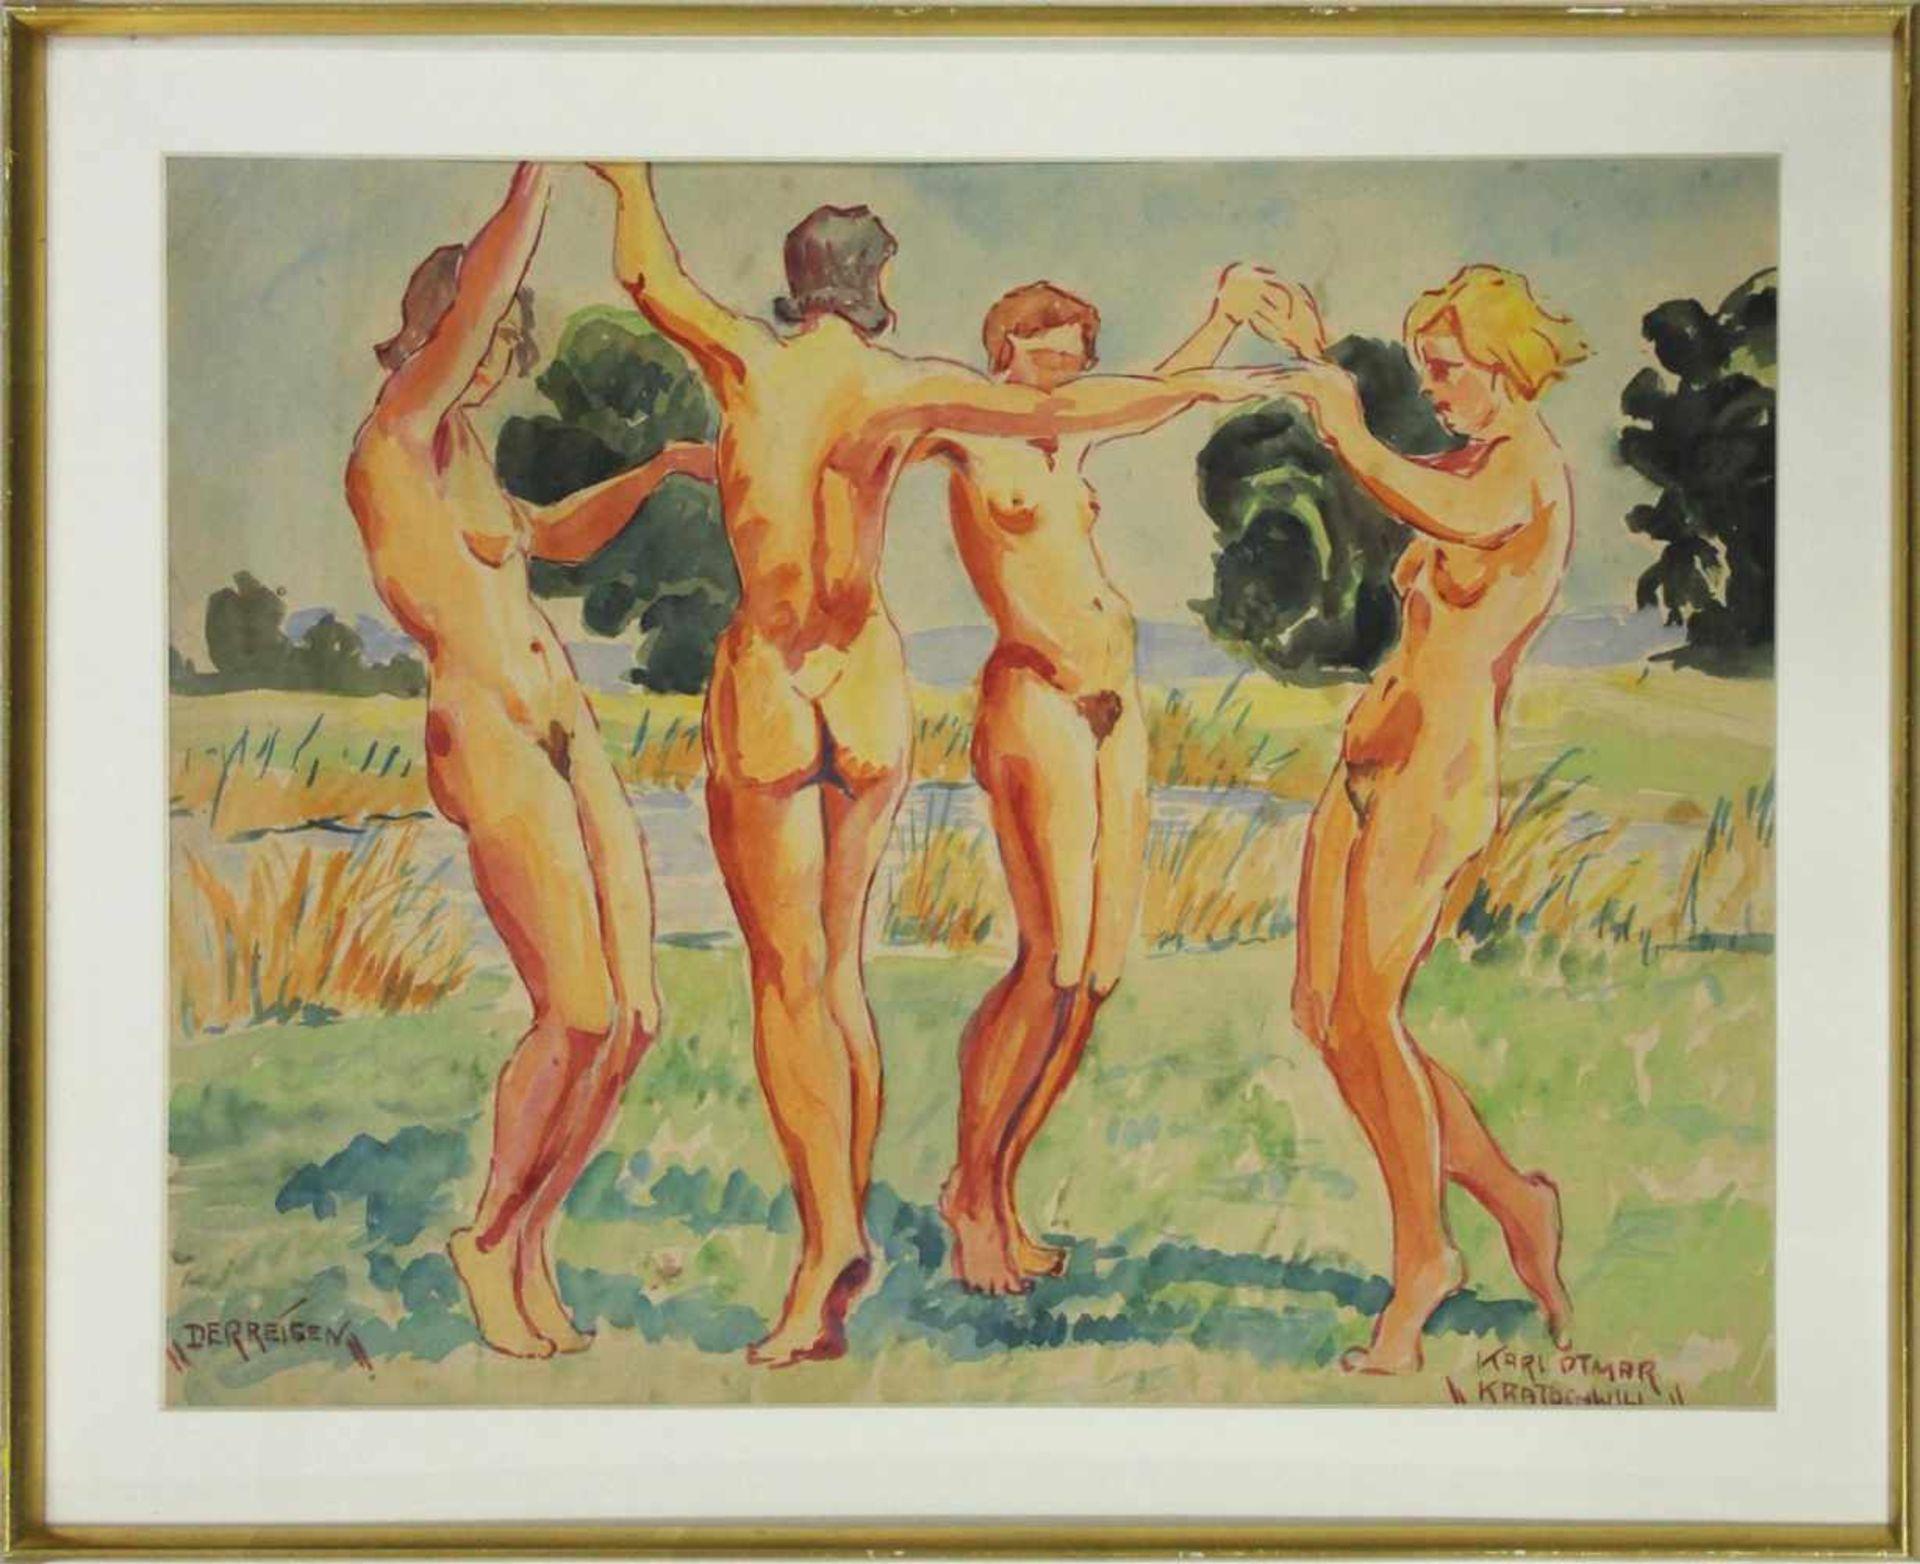 Karl Ottmar Kratochwill geb. 1910 Der Reigen 1932 Öl auf Papier handsigniert, datiert und betitelt - Bild 2 aus 5